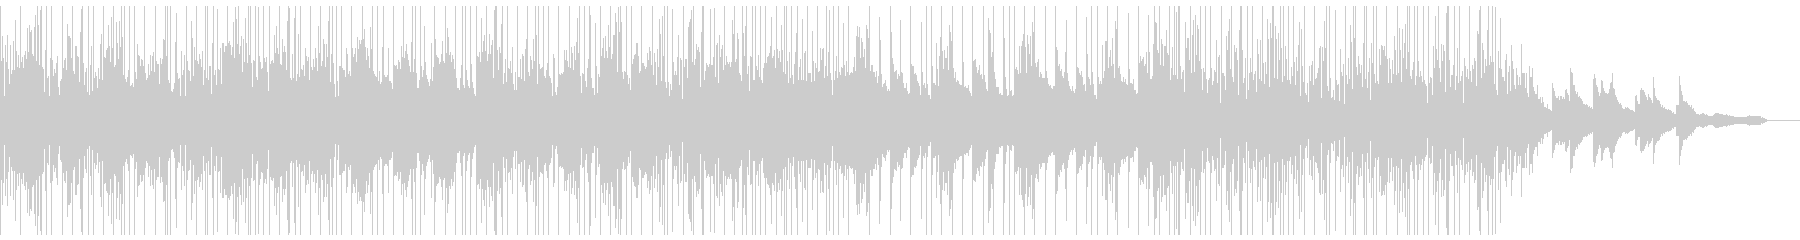 ピアノとワブルベースのアンビエントの未再生の波形